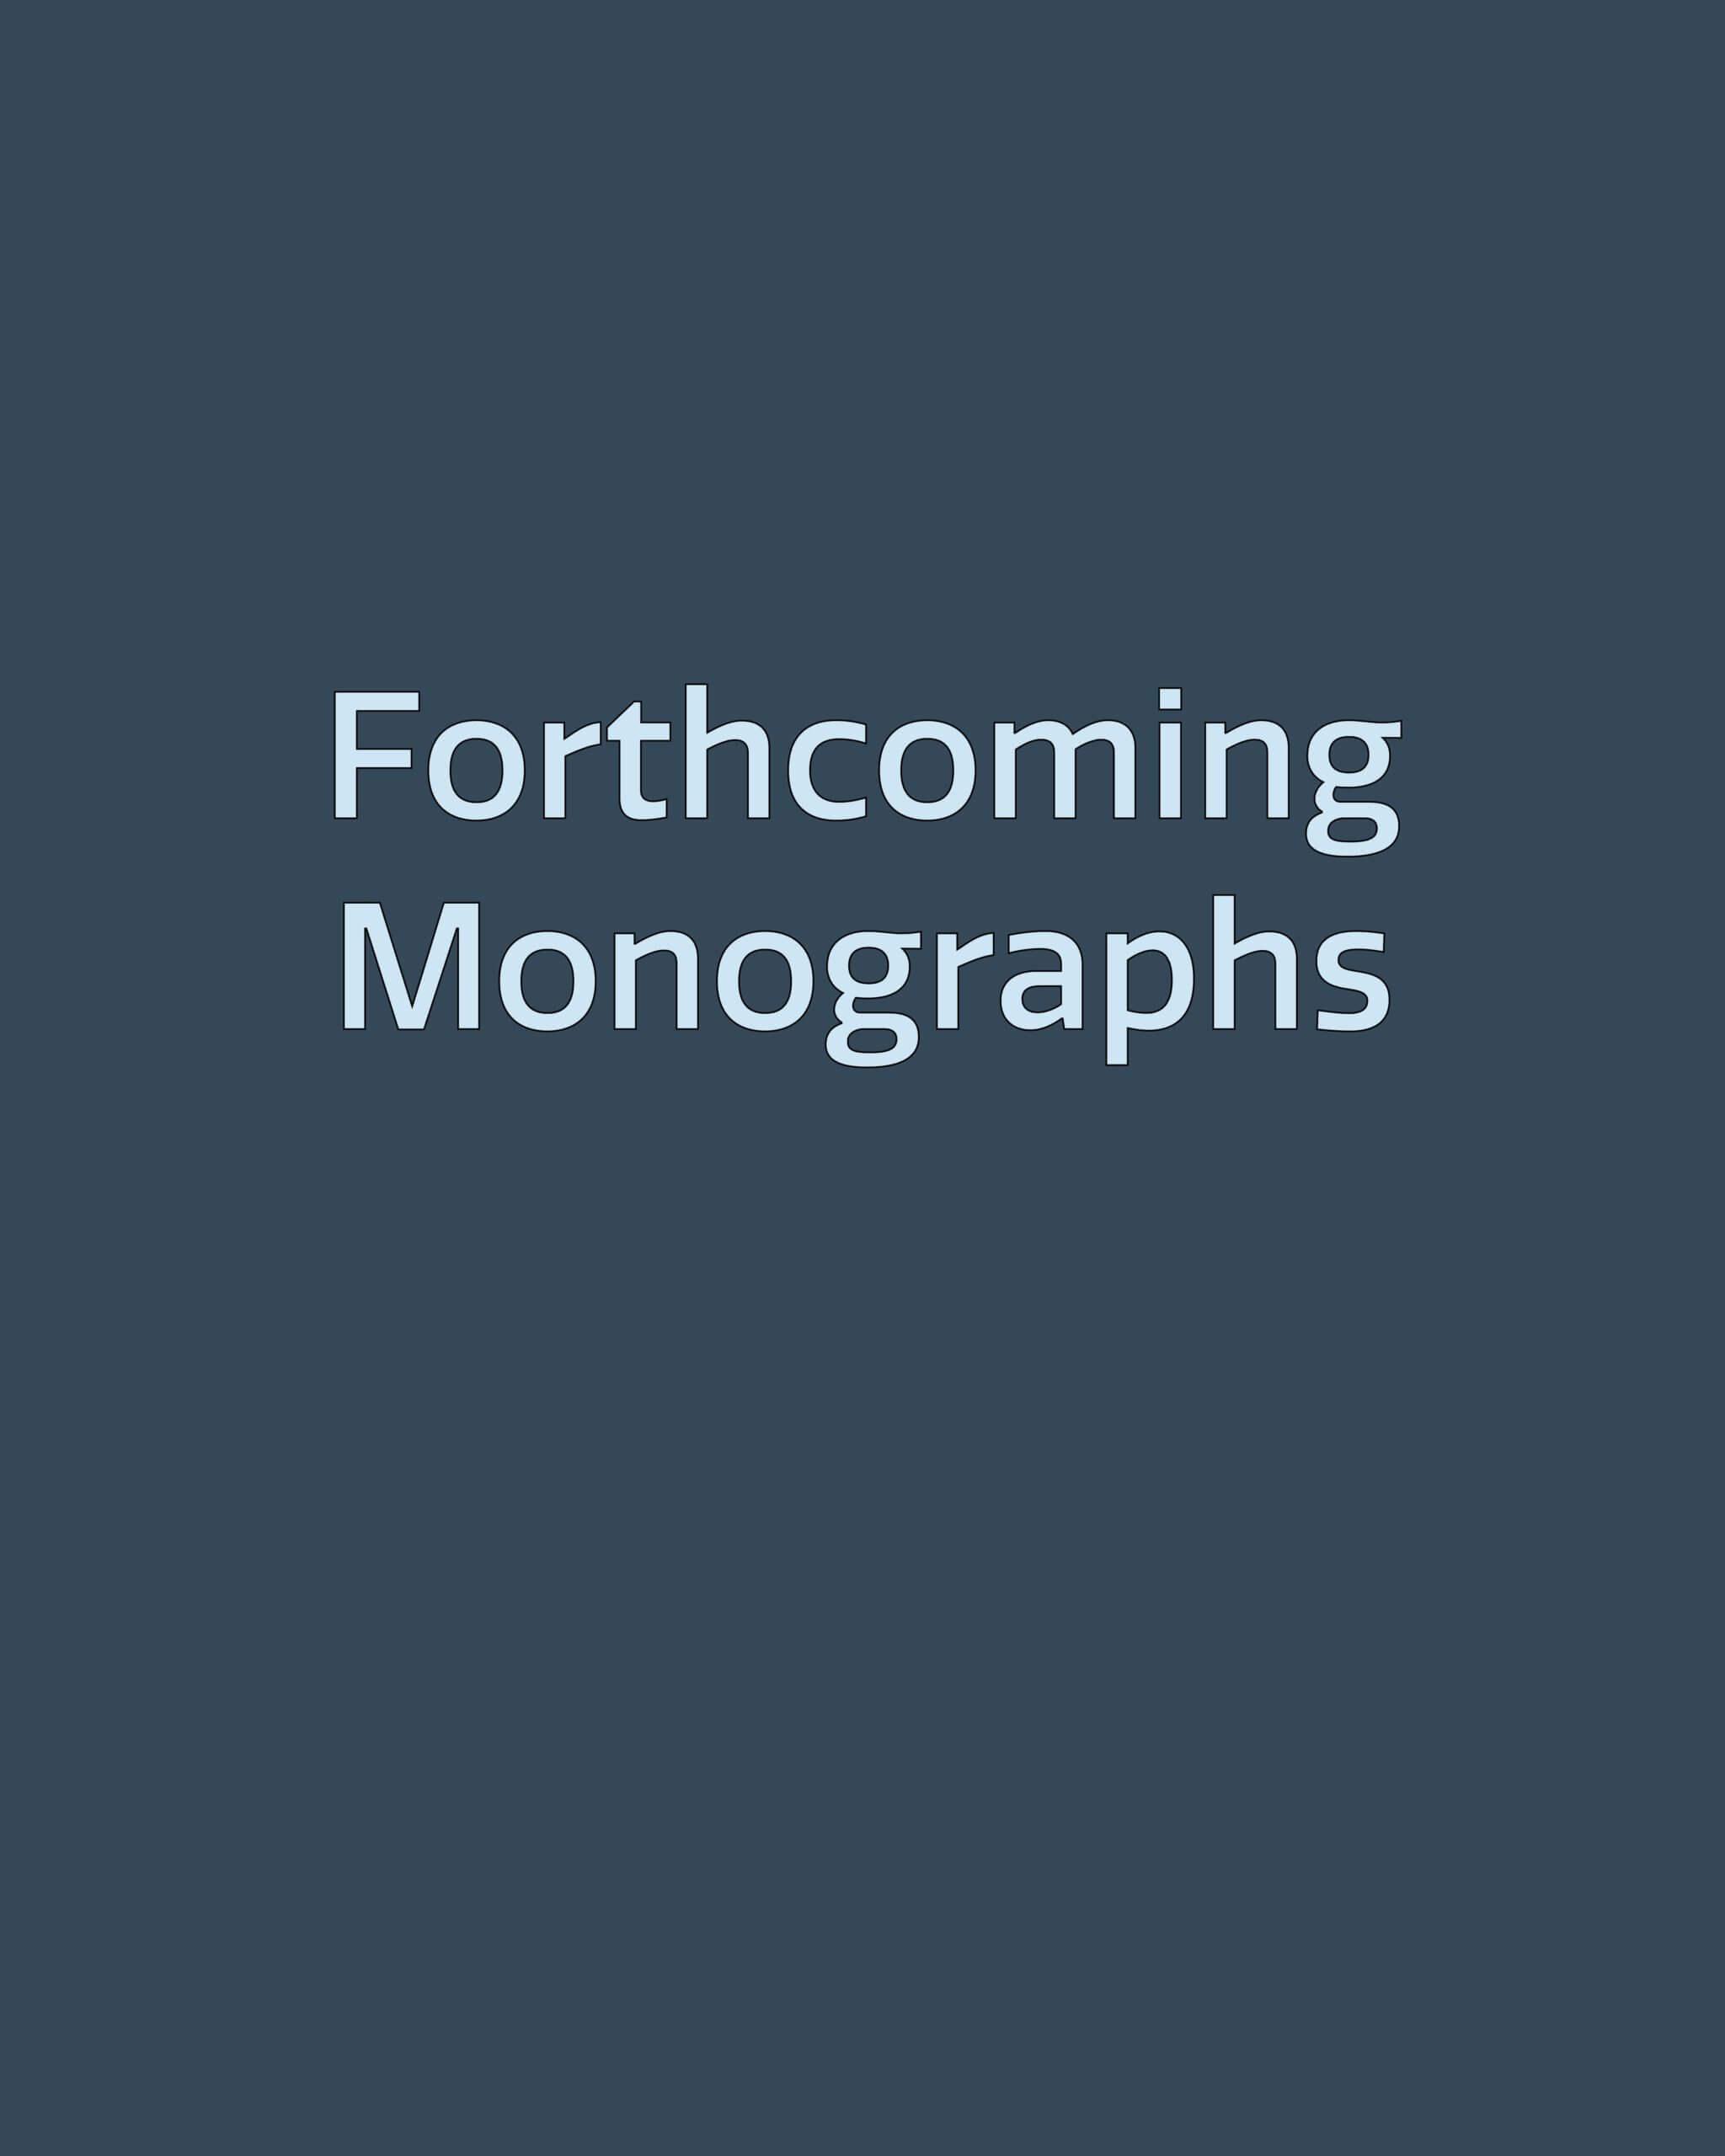 Forthcoming Monographs